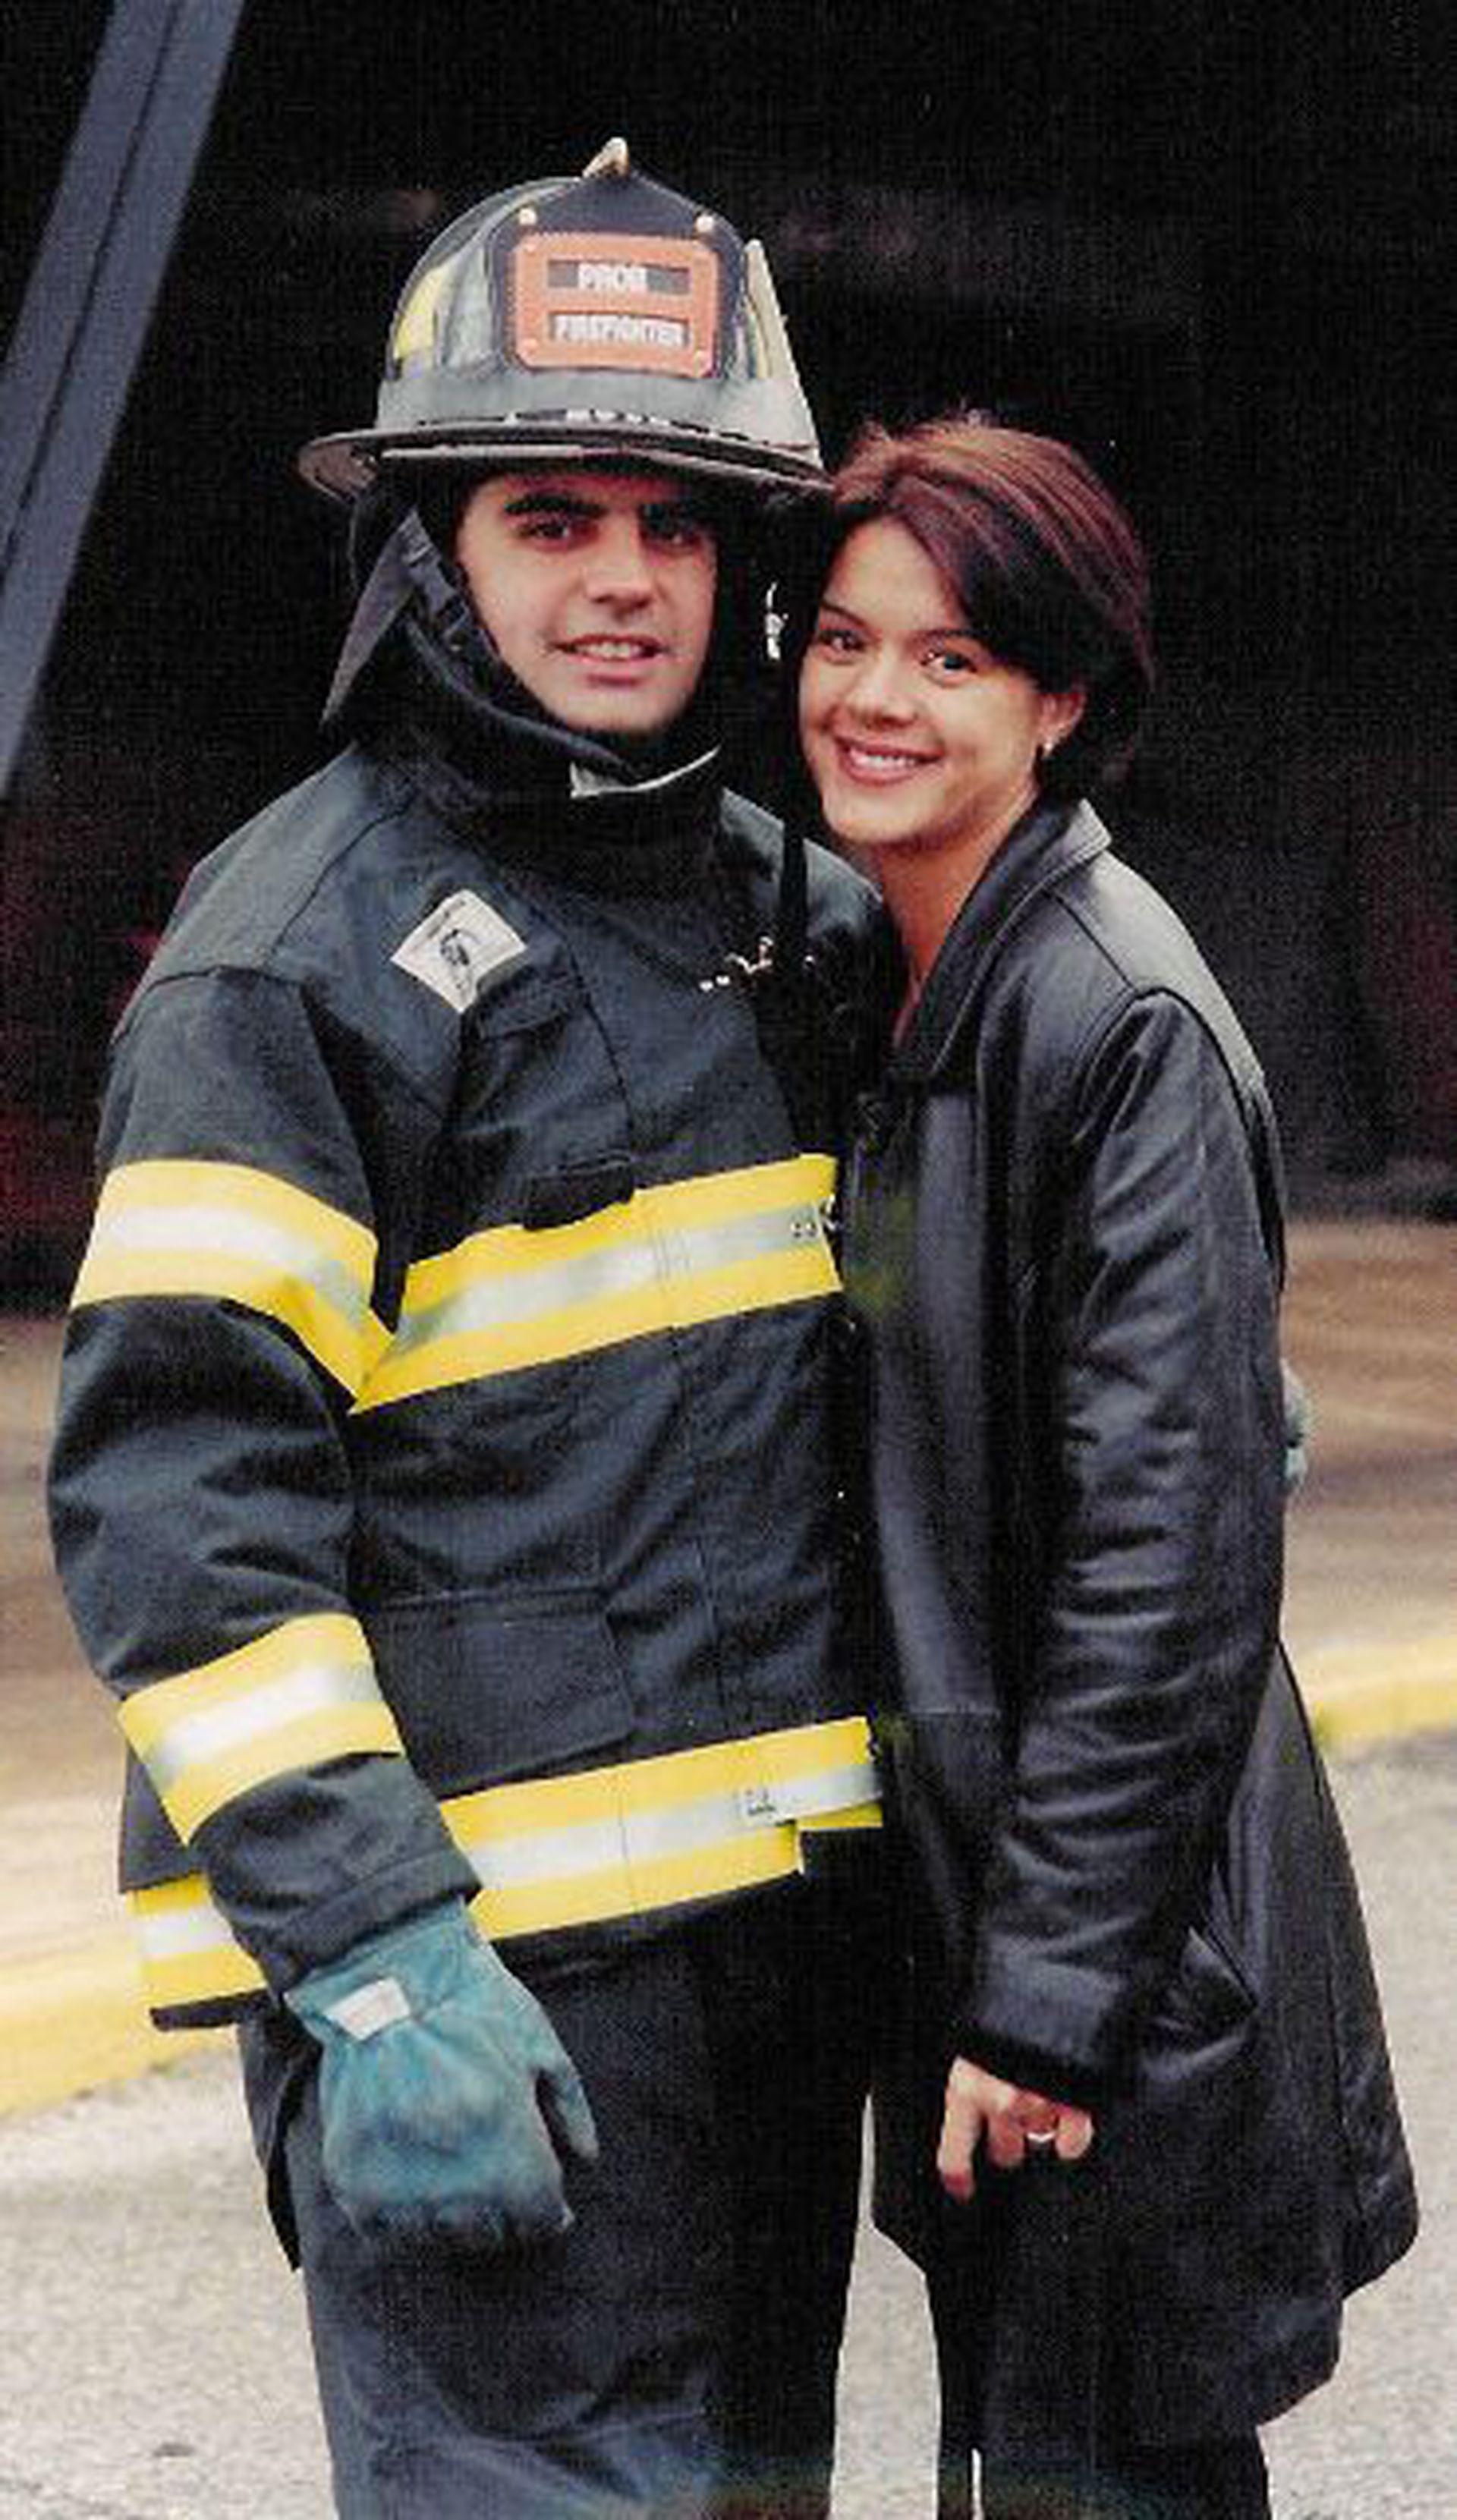 Sergio Villanueva y Tanya se habían comprometido en junio de 2001, después de siete años en pareja y seis de convivencia  (Gentileza: Tanya Villanueva Tepper)